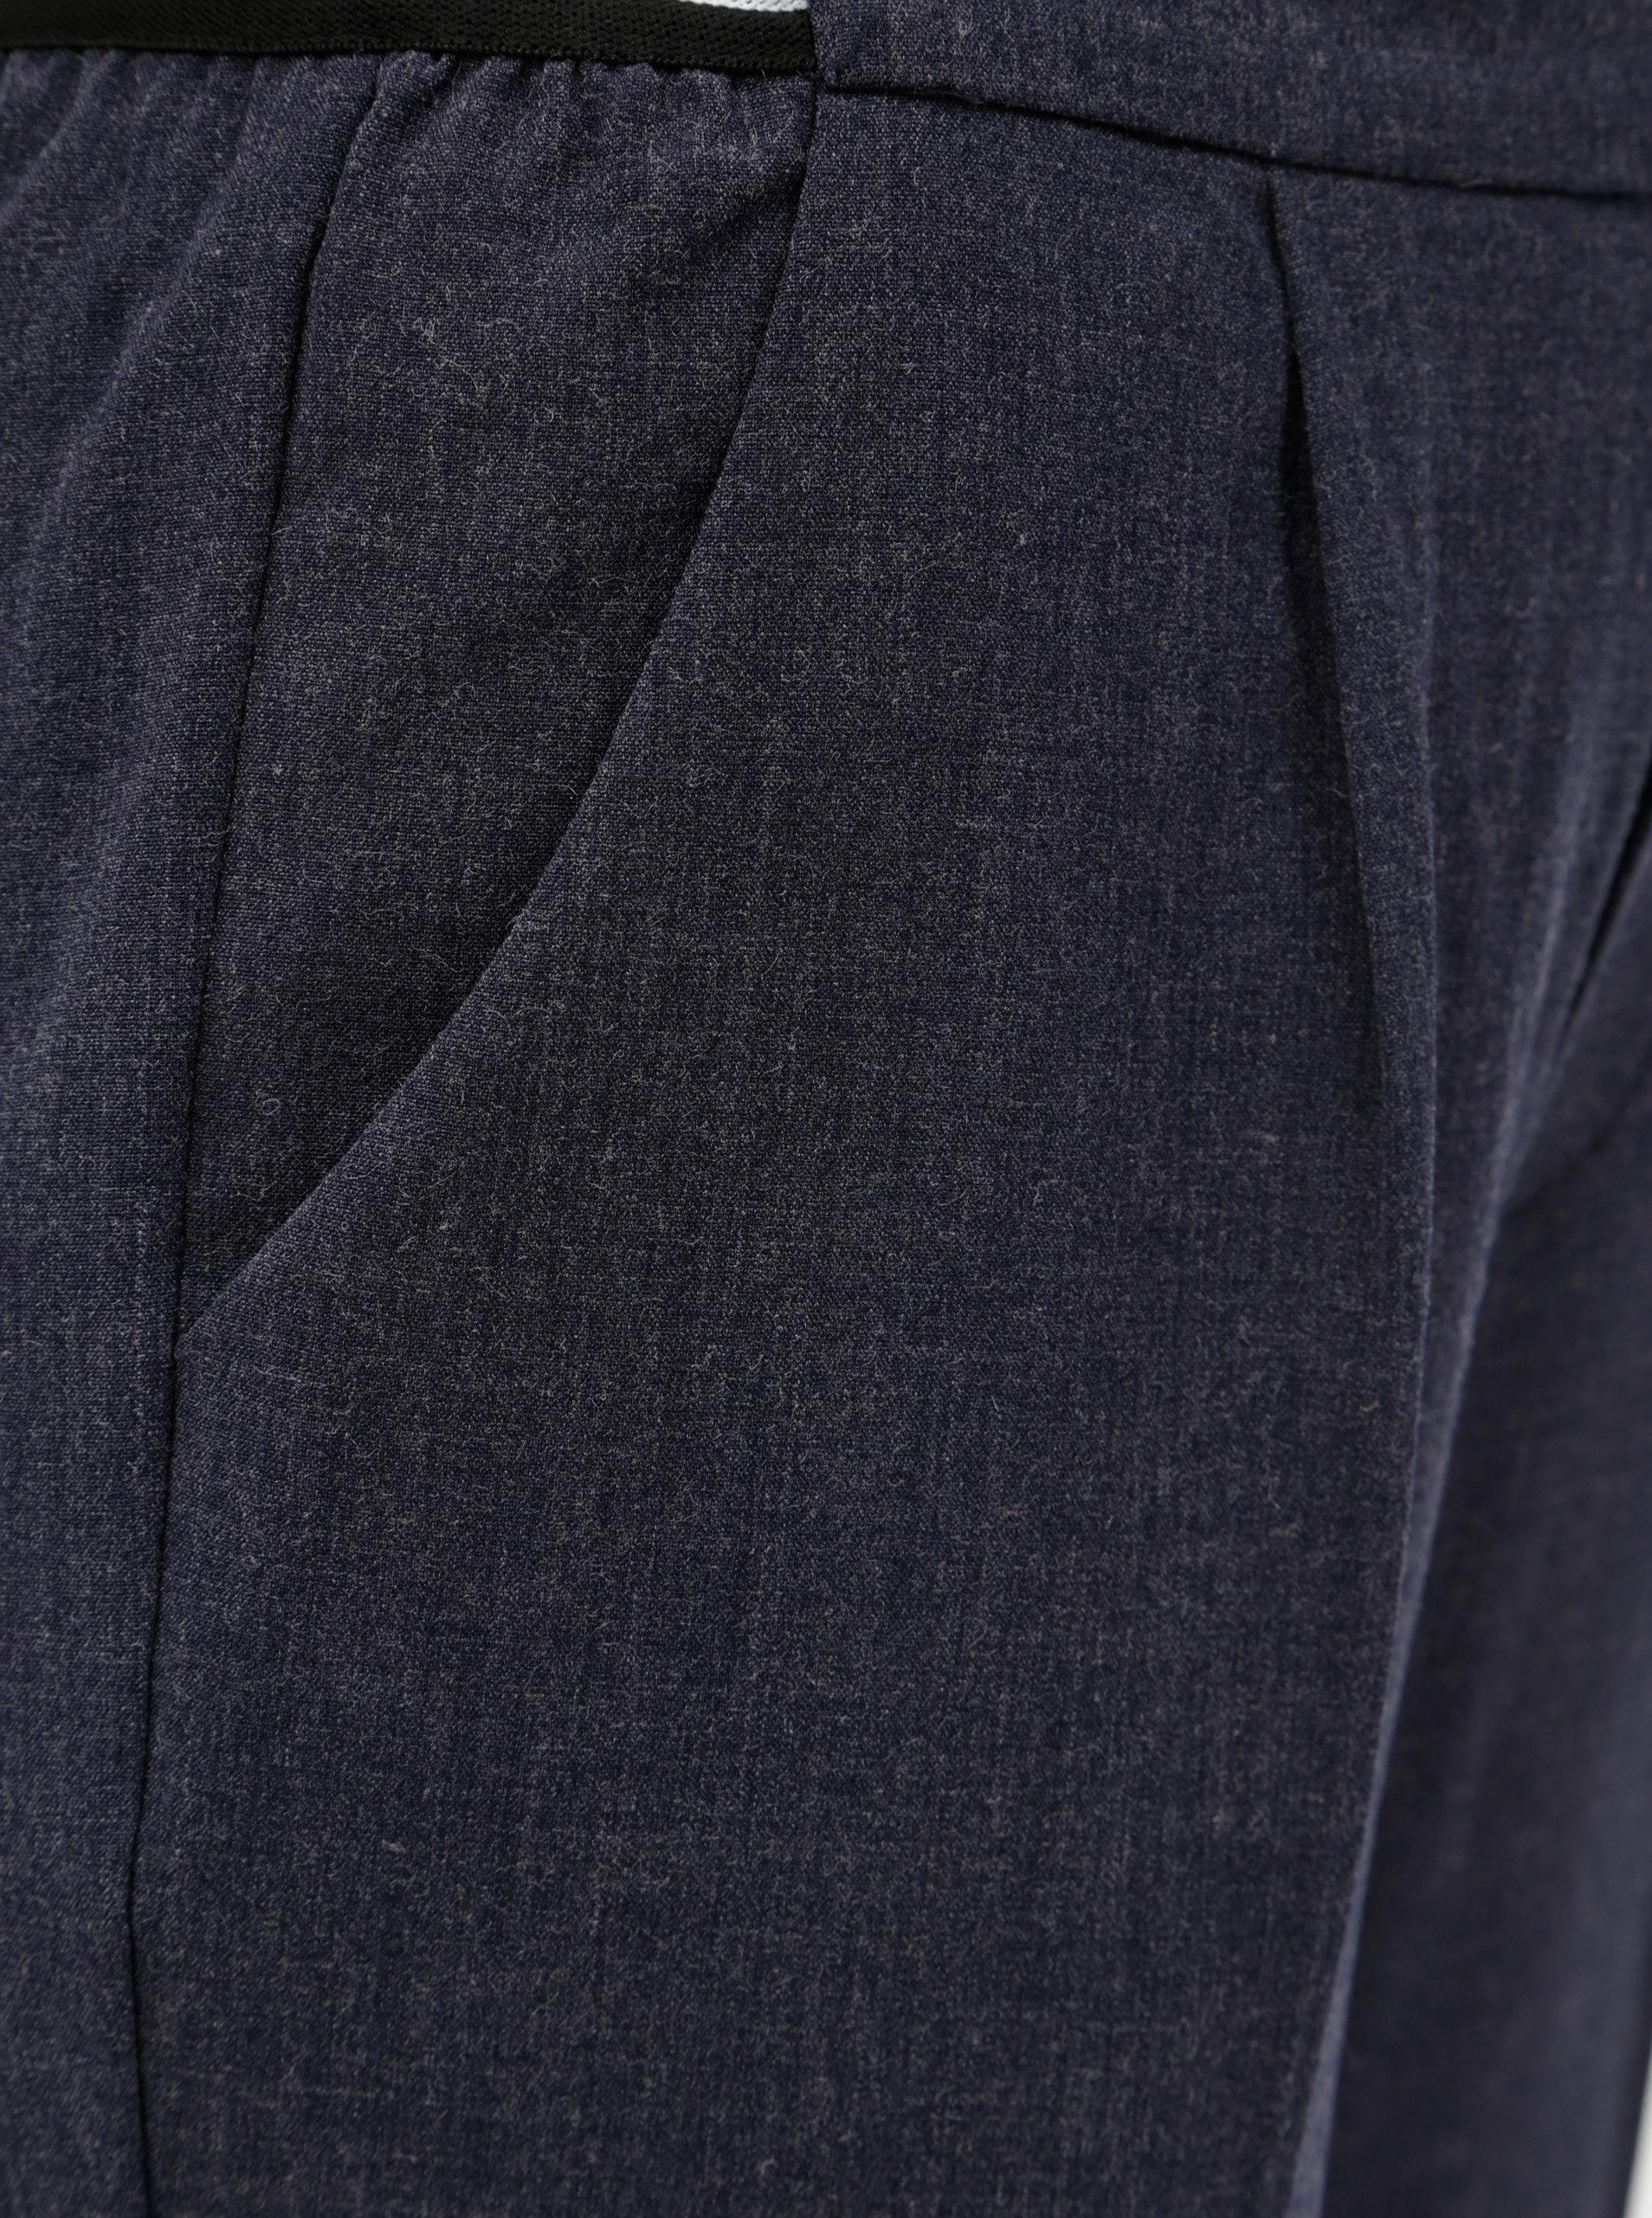 Tmavě modré dámské zkrácené kalhoty s elastickým pasem Broadway Gabby ... 3b652fcb88